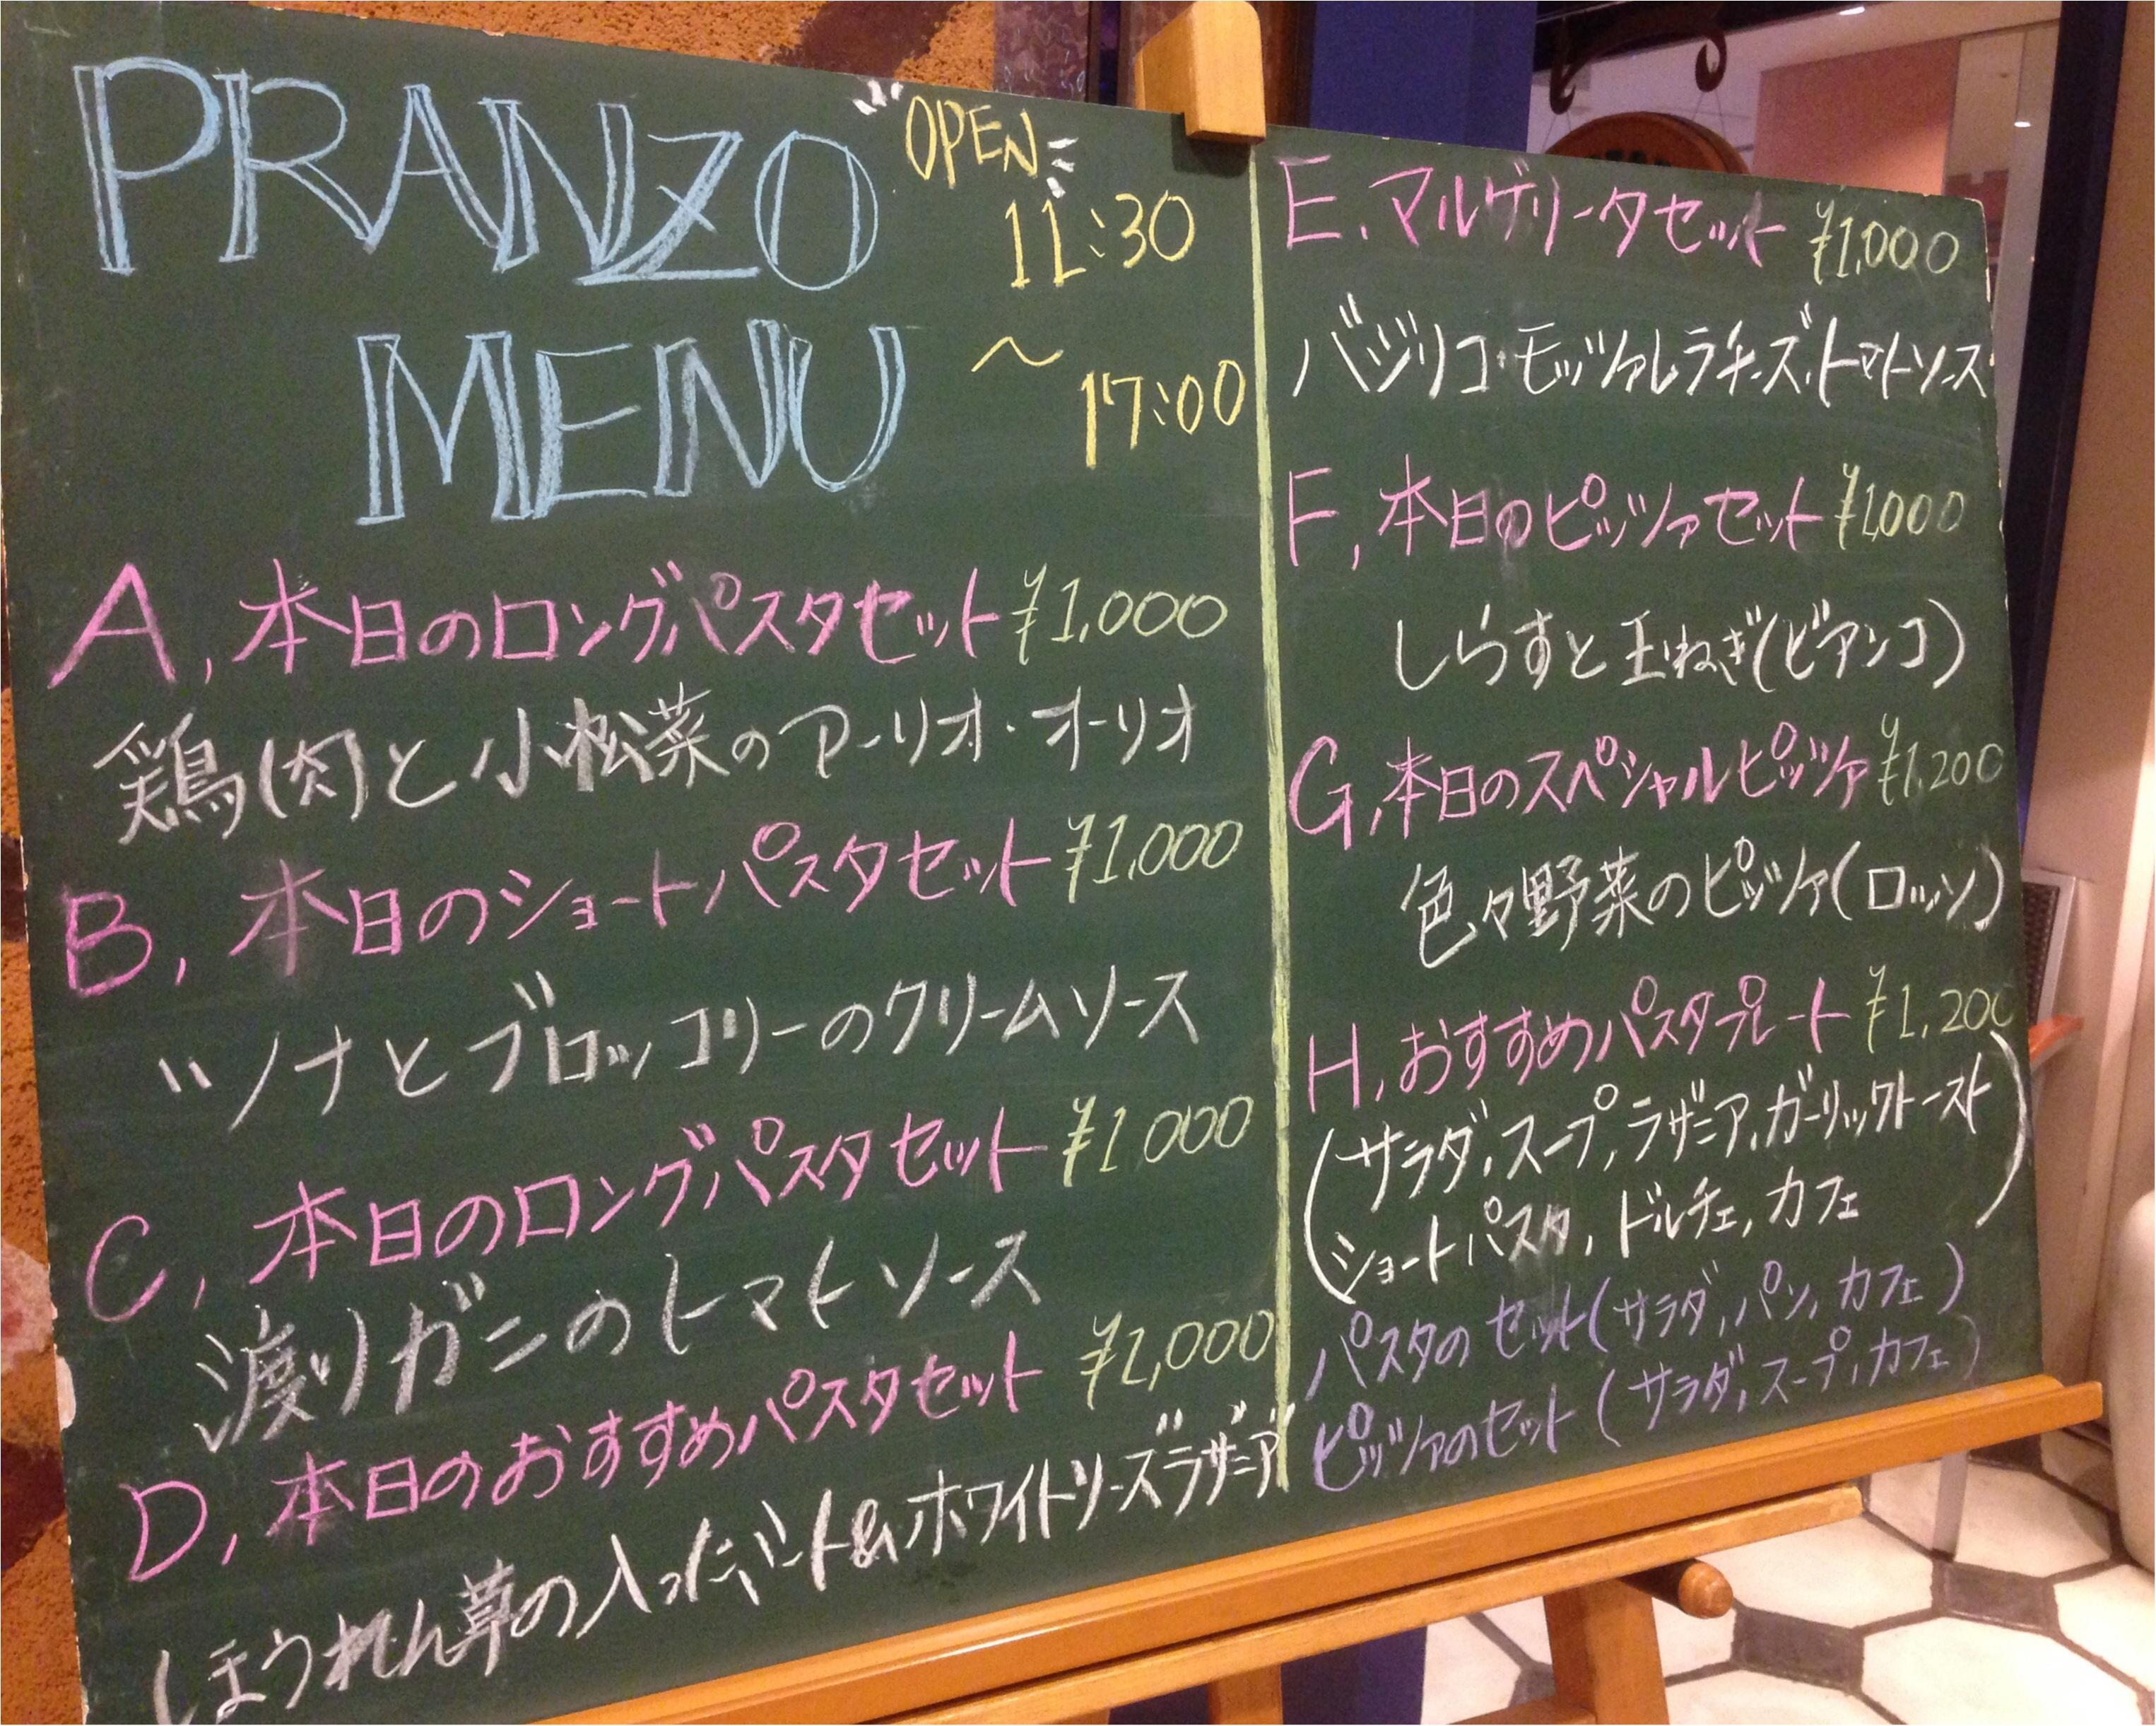 イタリアの食卓のように陽気に楽しくランチTime♬trattorìa Italiaで平日ランチ(^з^)-☆_2